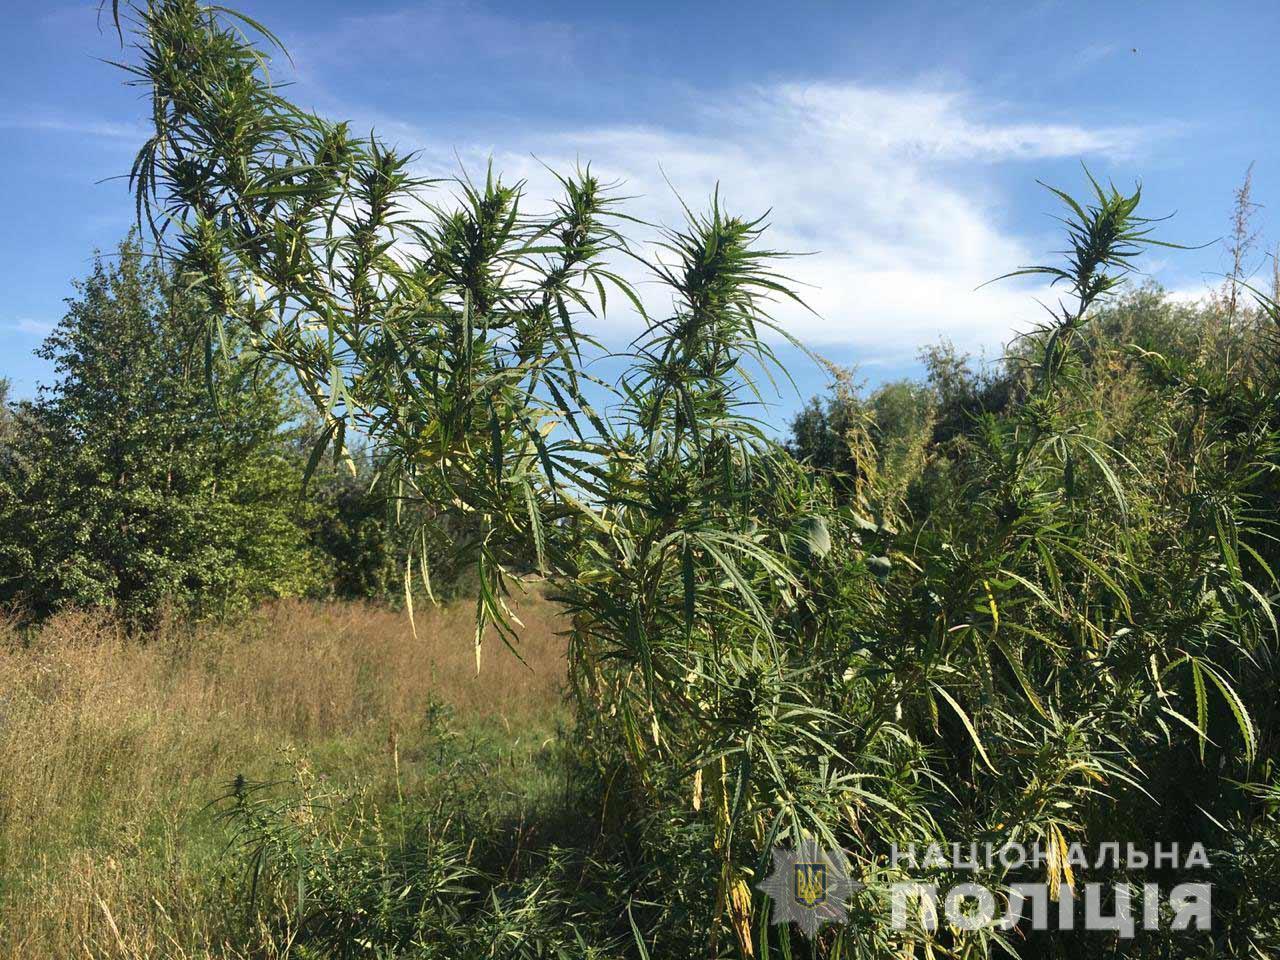 «Море конопли»: в области обнаружили плантацию наркотических растений. Новости Днепра